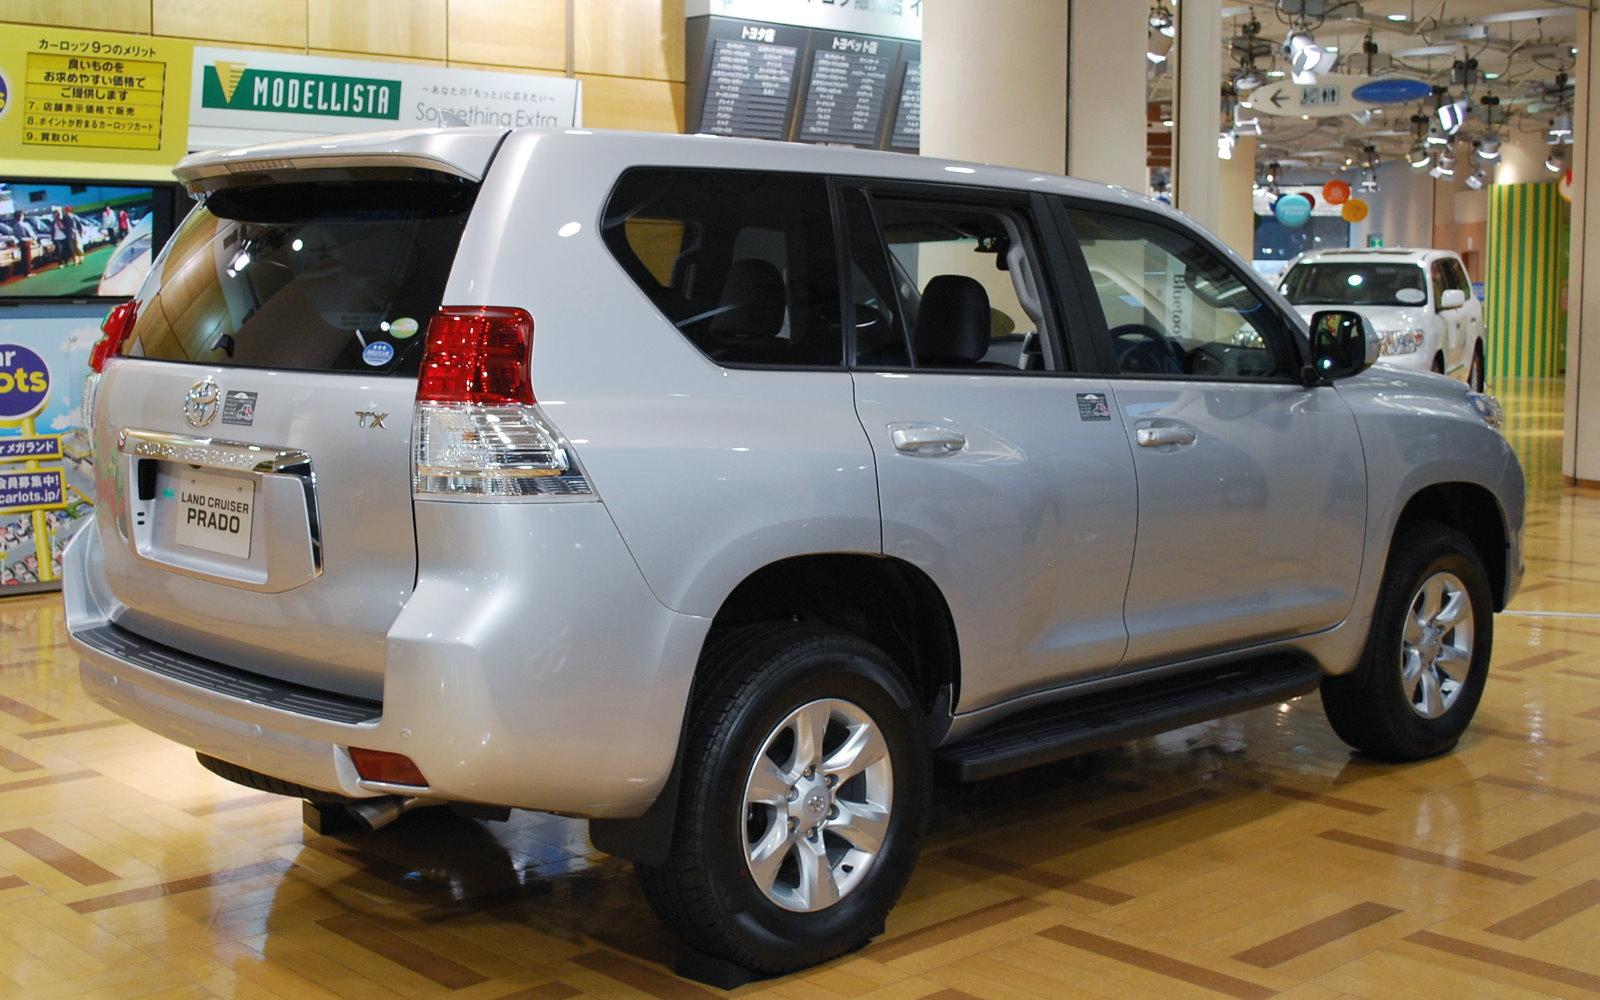 File:2009 Toyota Land Cruiser Prado 02